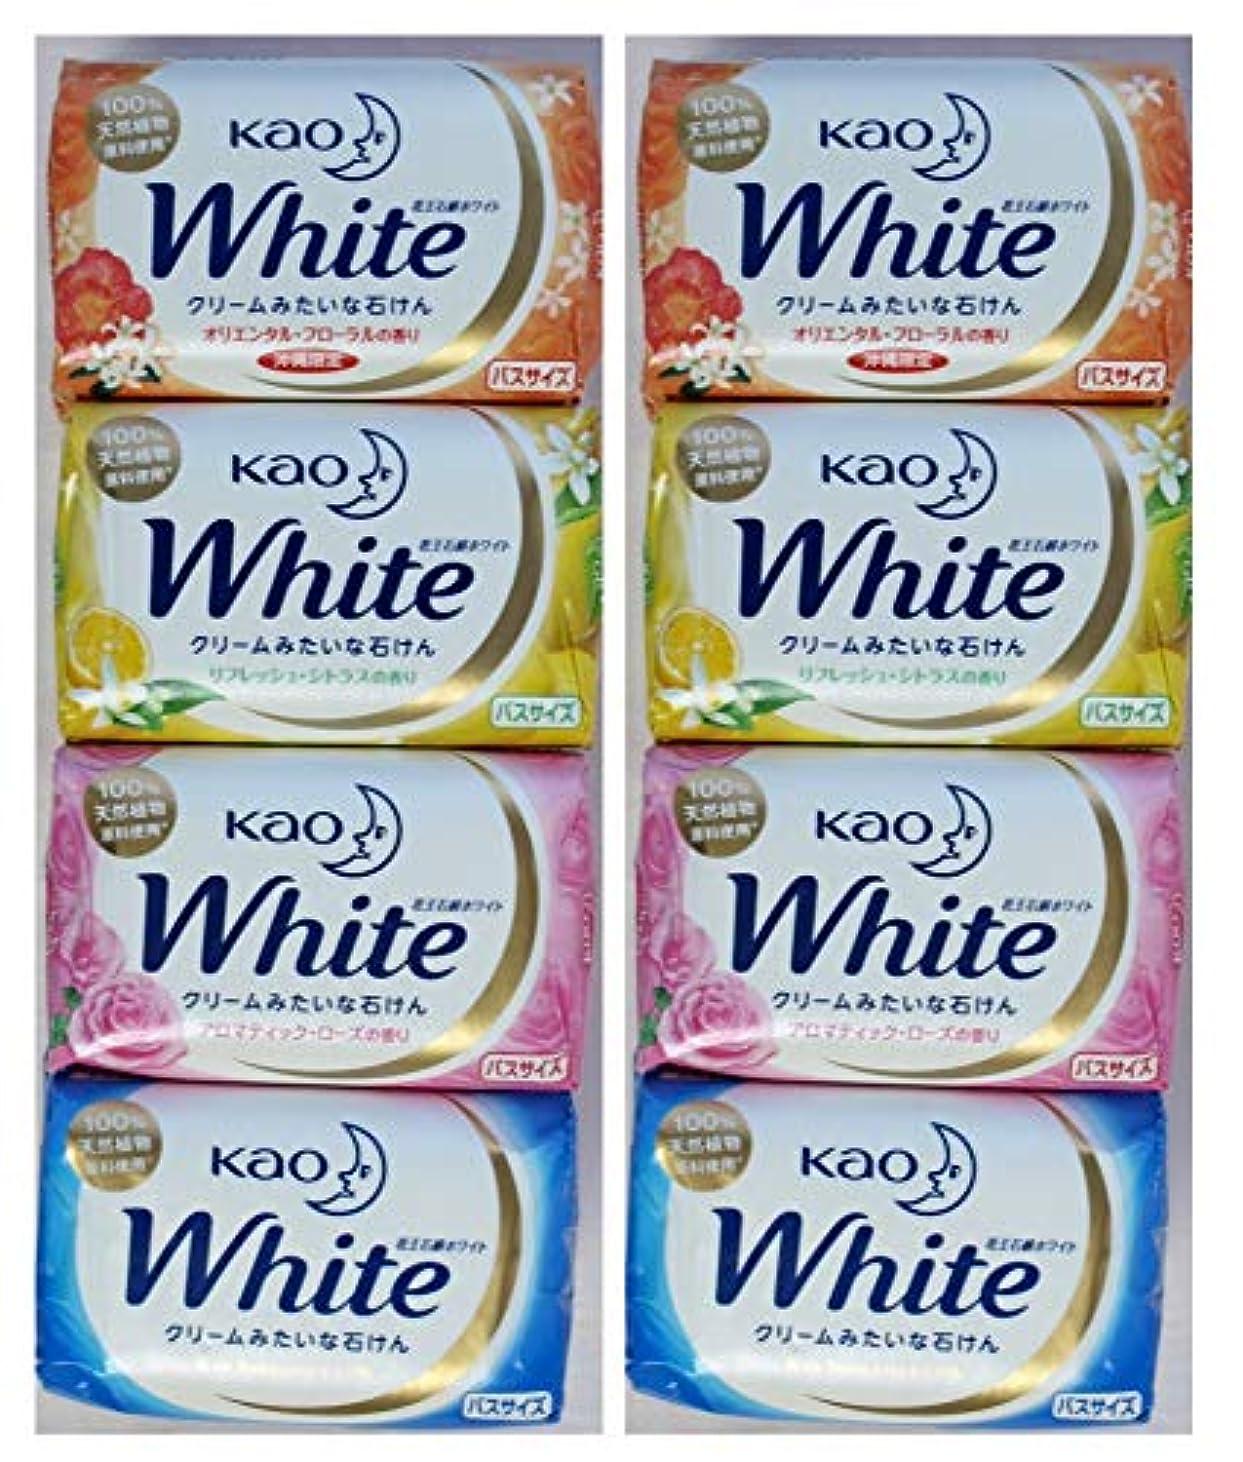 め言葉包囲鬼ごっこ561988-8P 花王 Kao 石けんホワイト 4つの香り(オリエンタルフローラル/ホワイトフローラル/アロマティックローズ/リフレッシュシトラスの4種) 130g×4種×2set 計8個